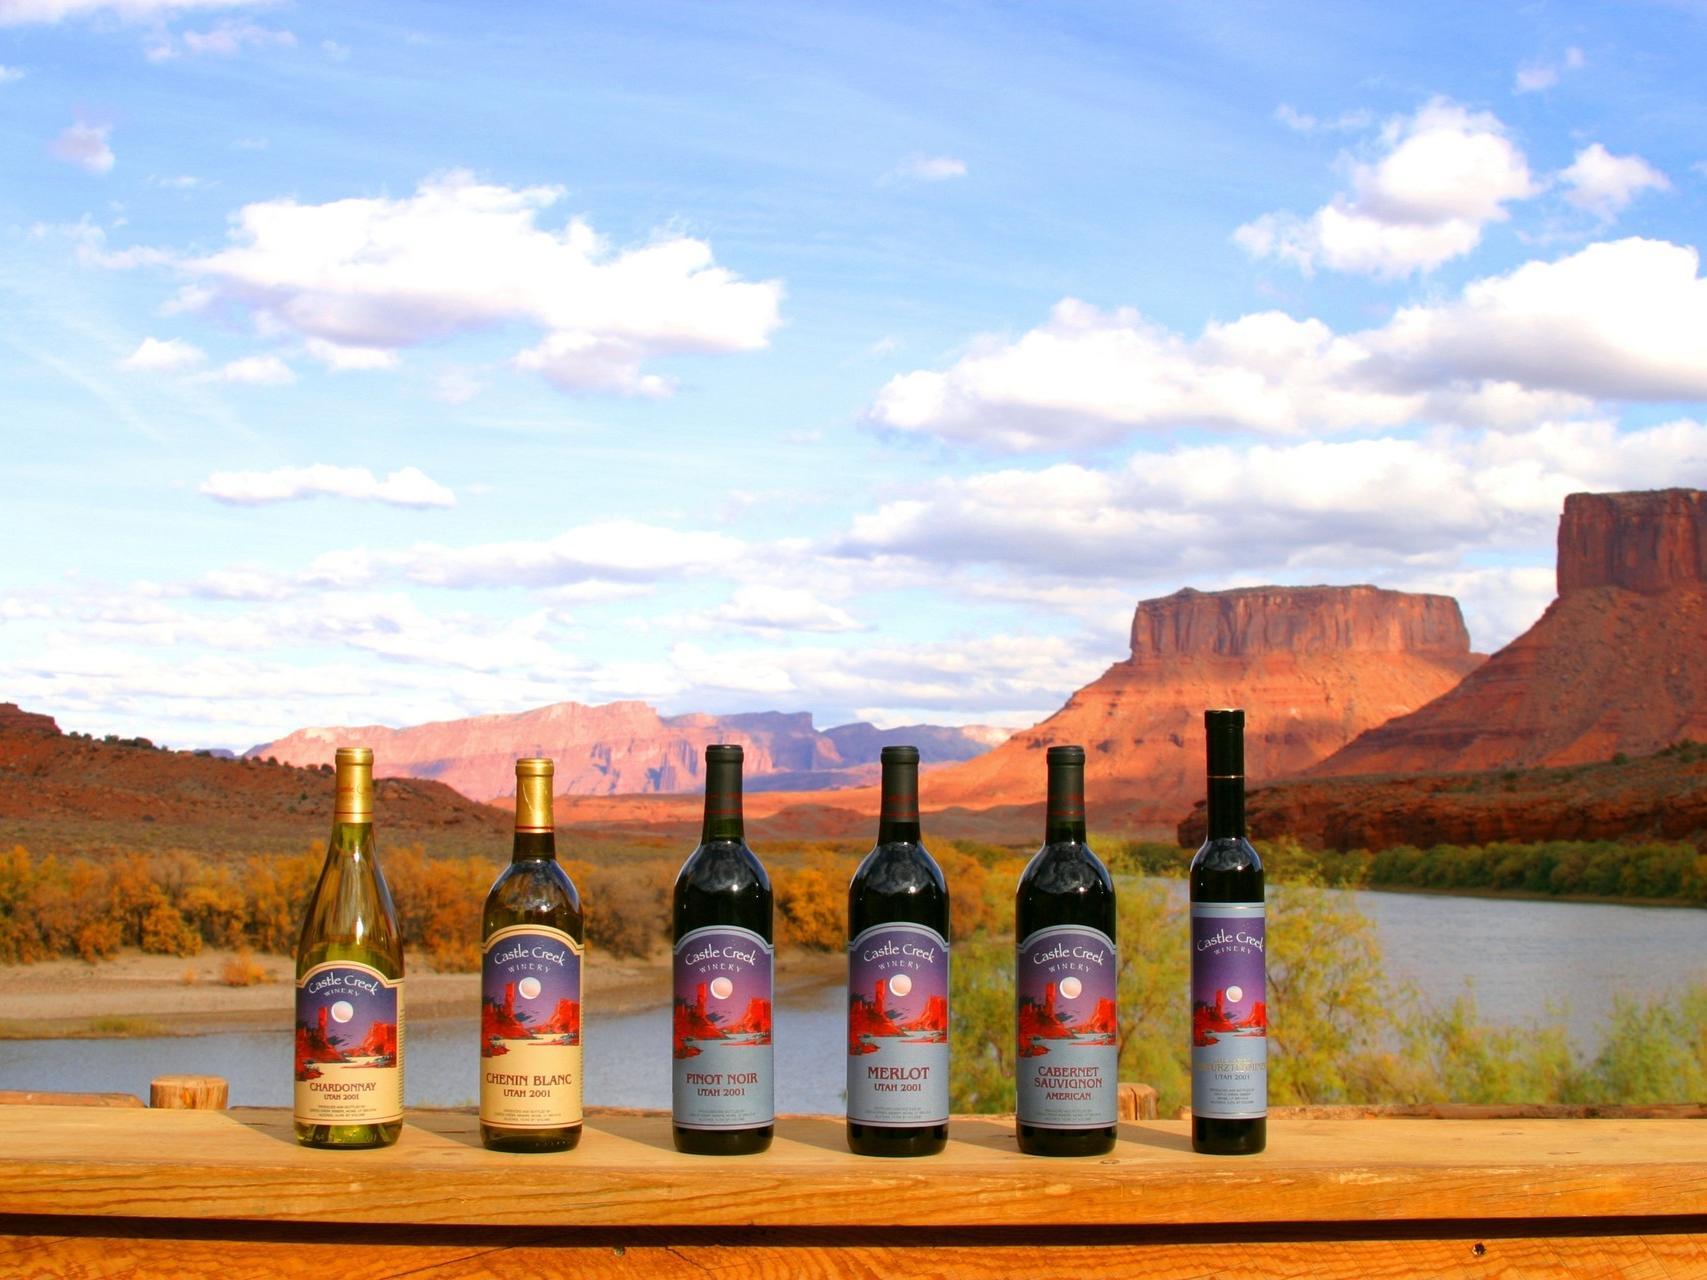 castle creek winery bottles on ledge